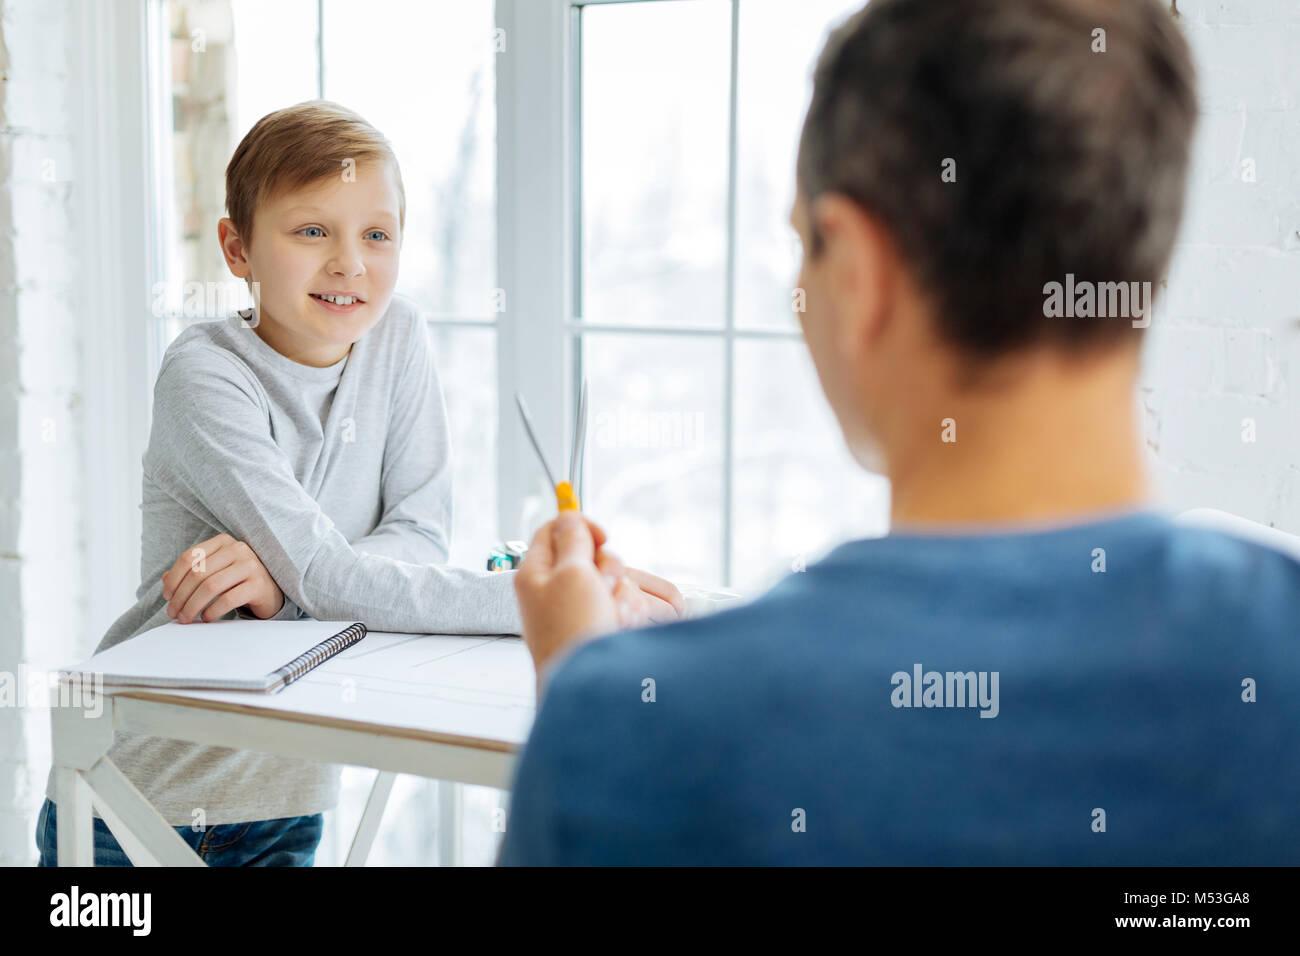 Wörter Teens verwenden